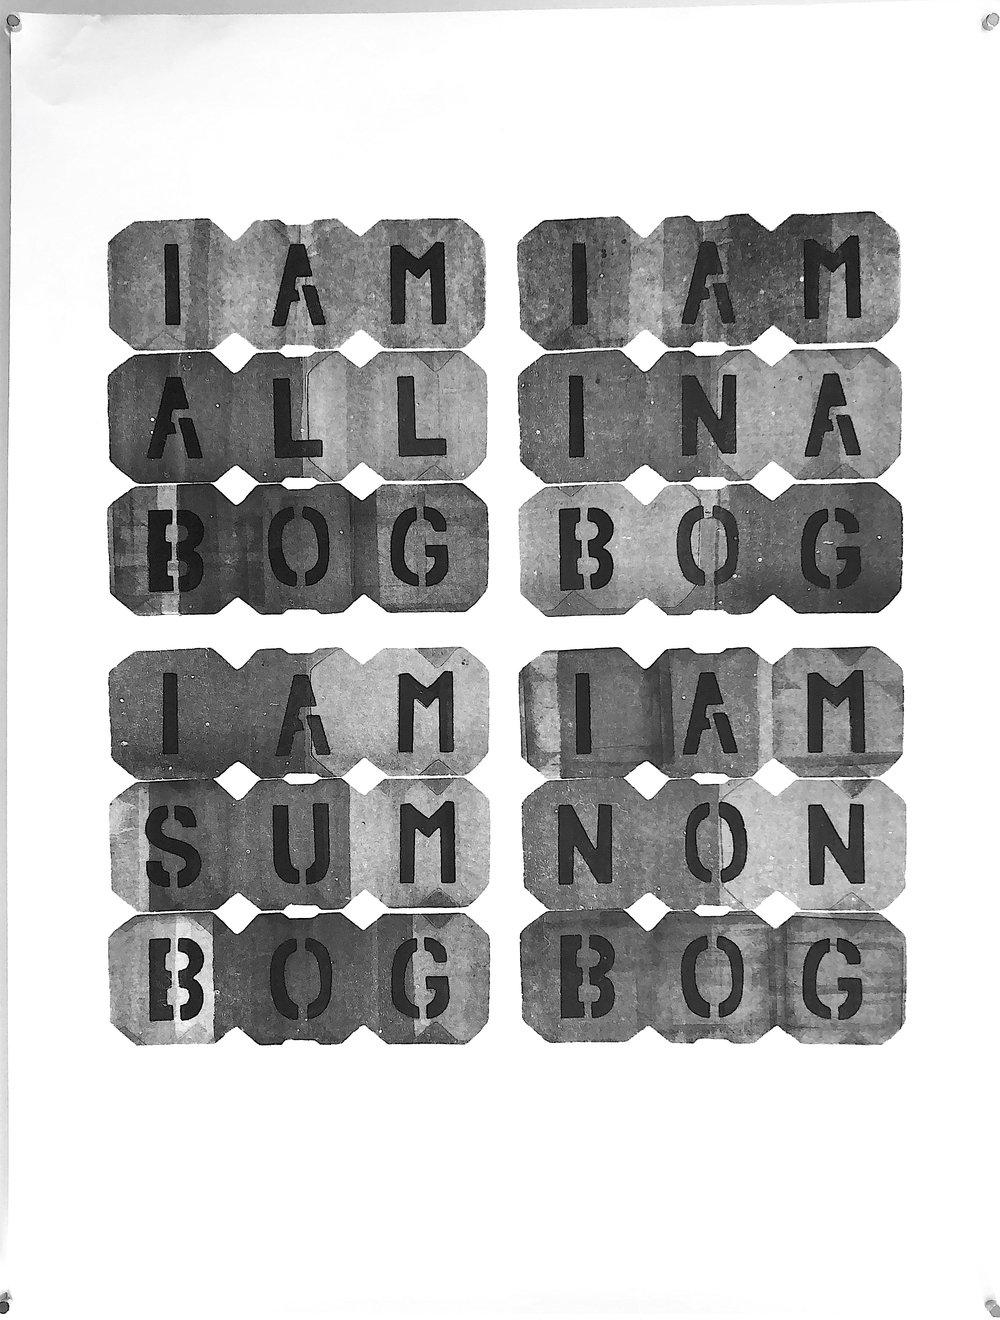 """IAMALLBOG - 2018, acrylic on paper, hand-cut stencil. 25"""" x 19"""""""